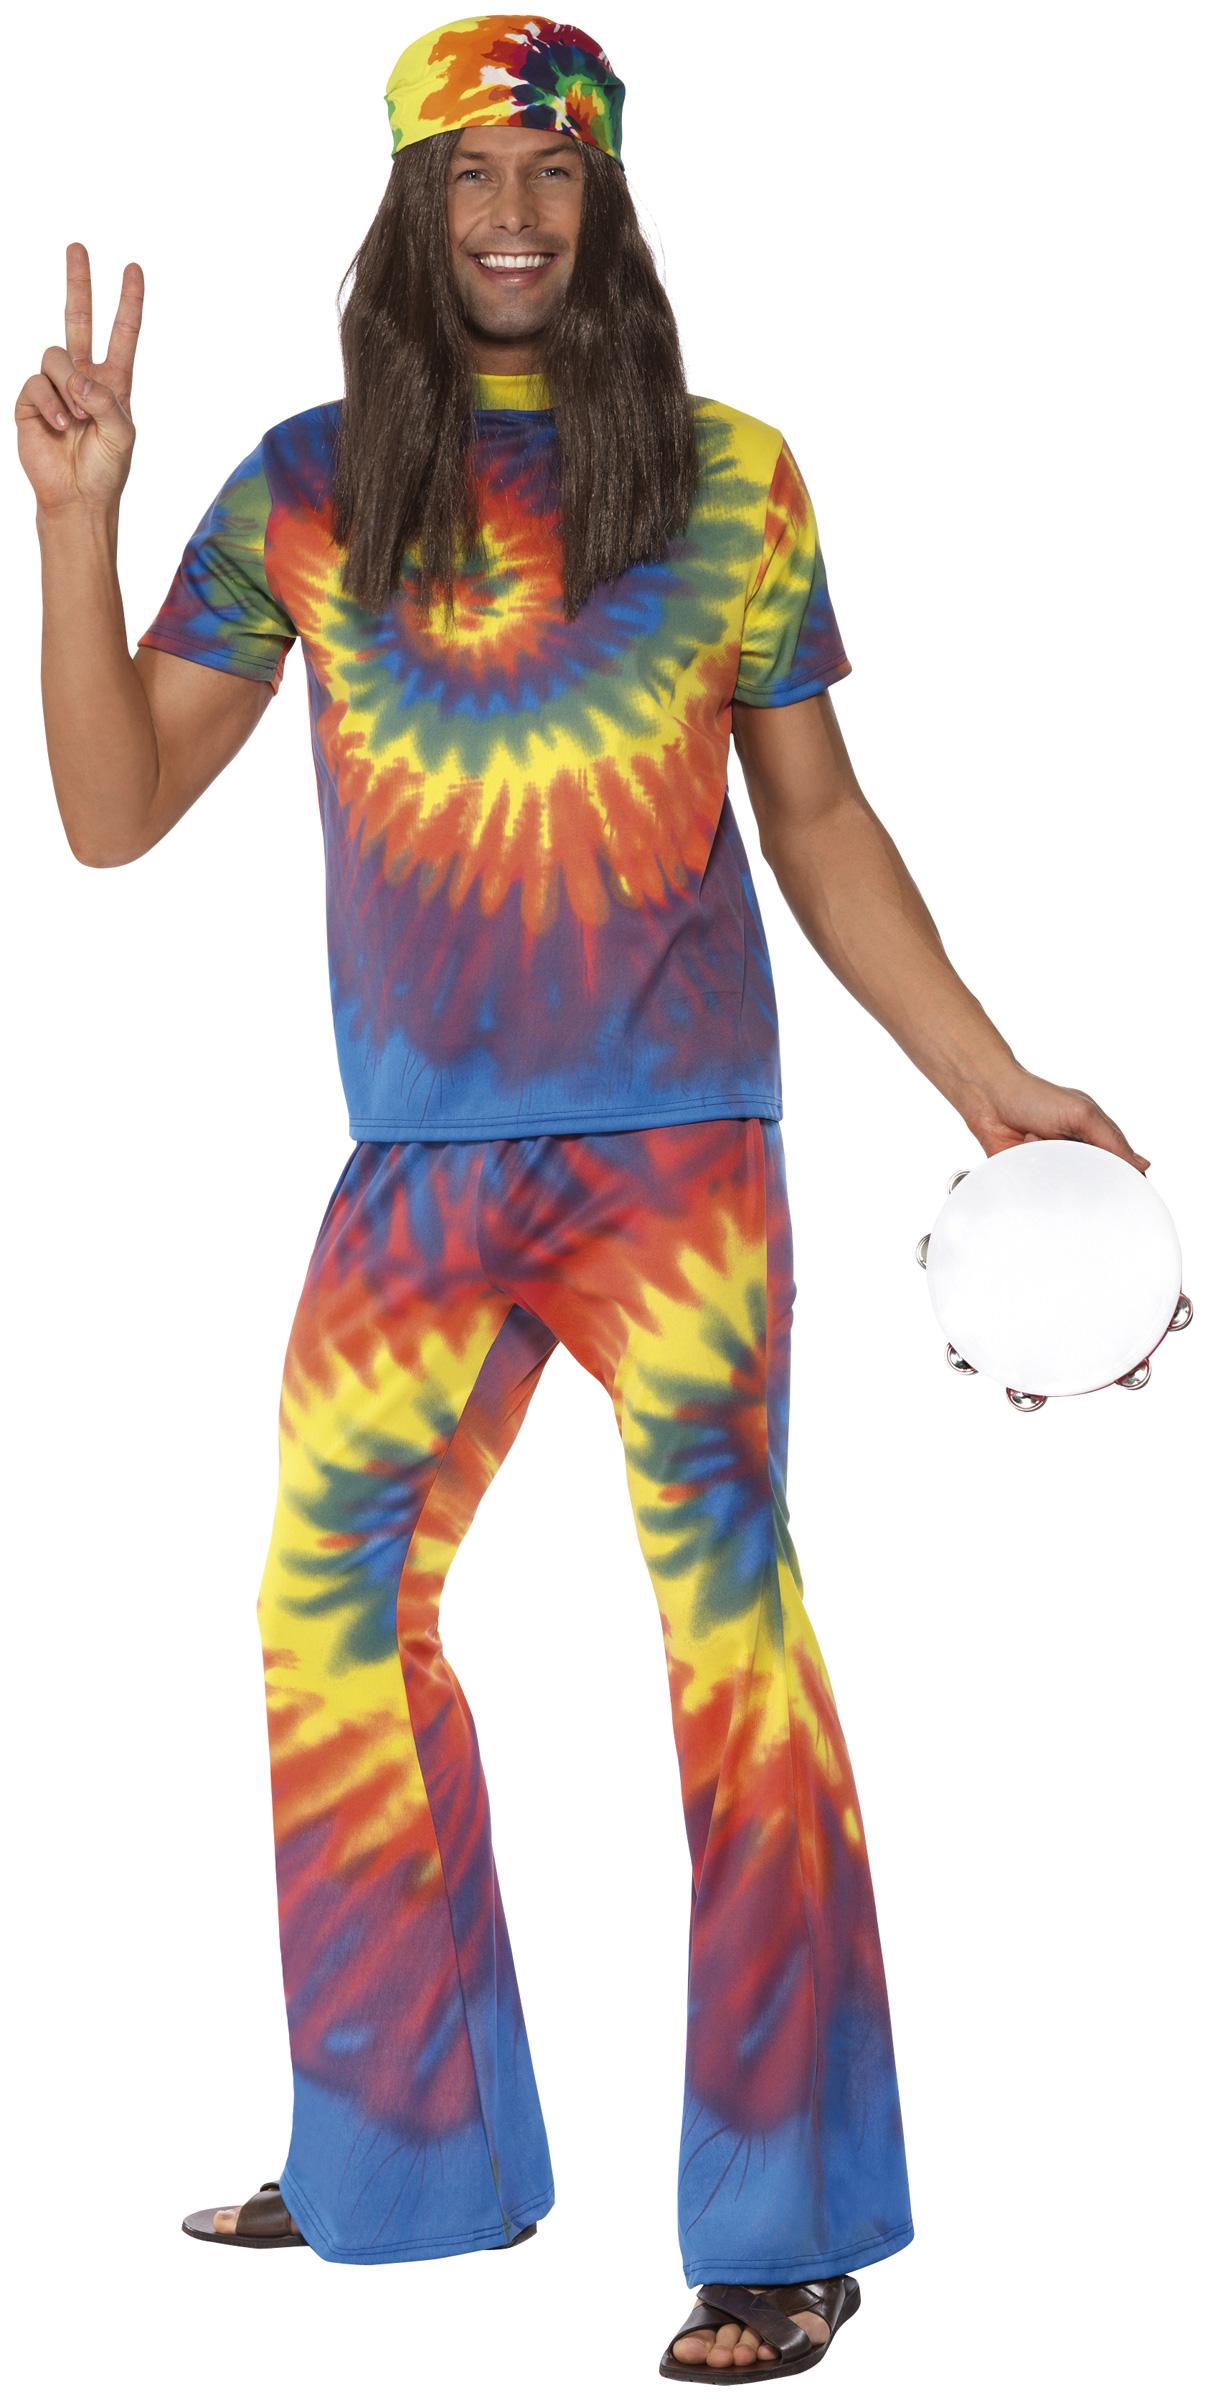 Déguisement années 60 homme   Costume hippie bariolé 0121ebddaf50